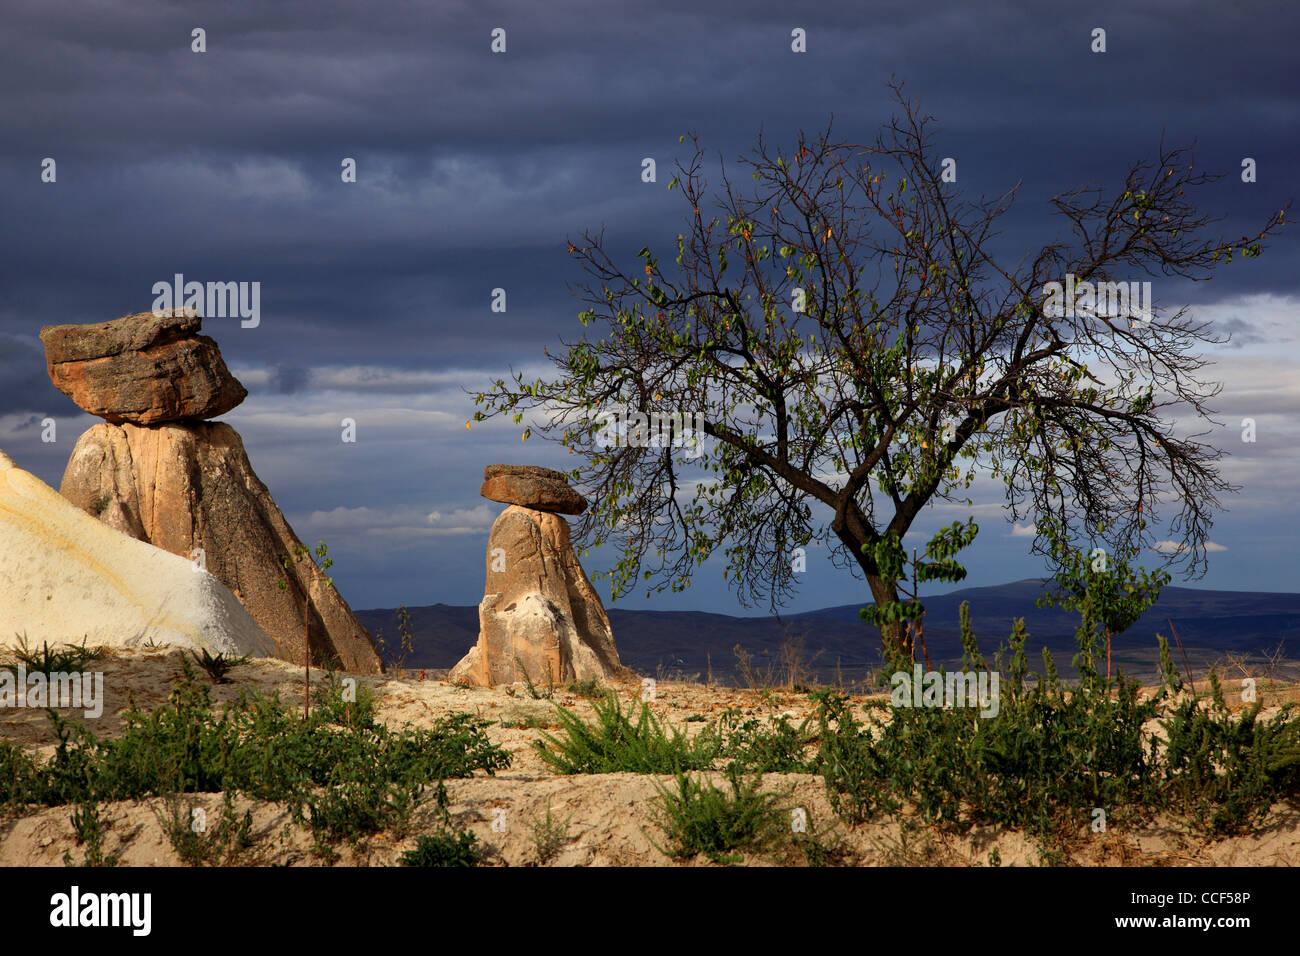 Paysage de Cappadoce typique, près de Urgup, sur la route de Göreme. Nevsehir, Anatolie, Turquie Photo Stock